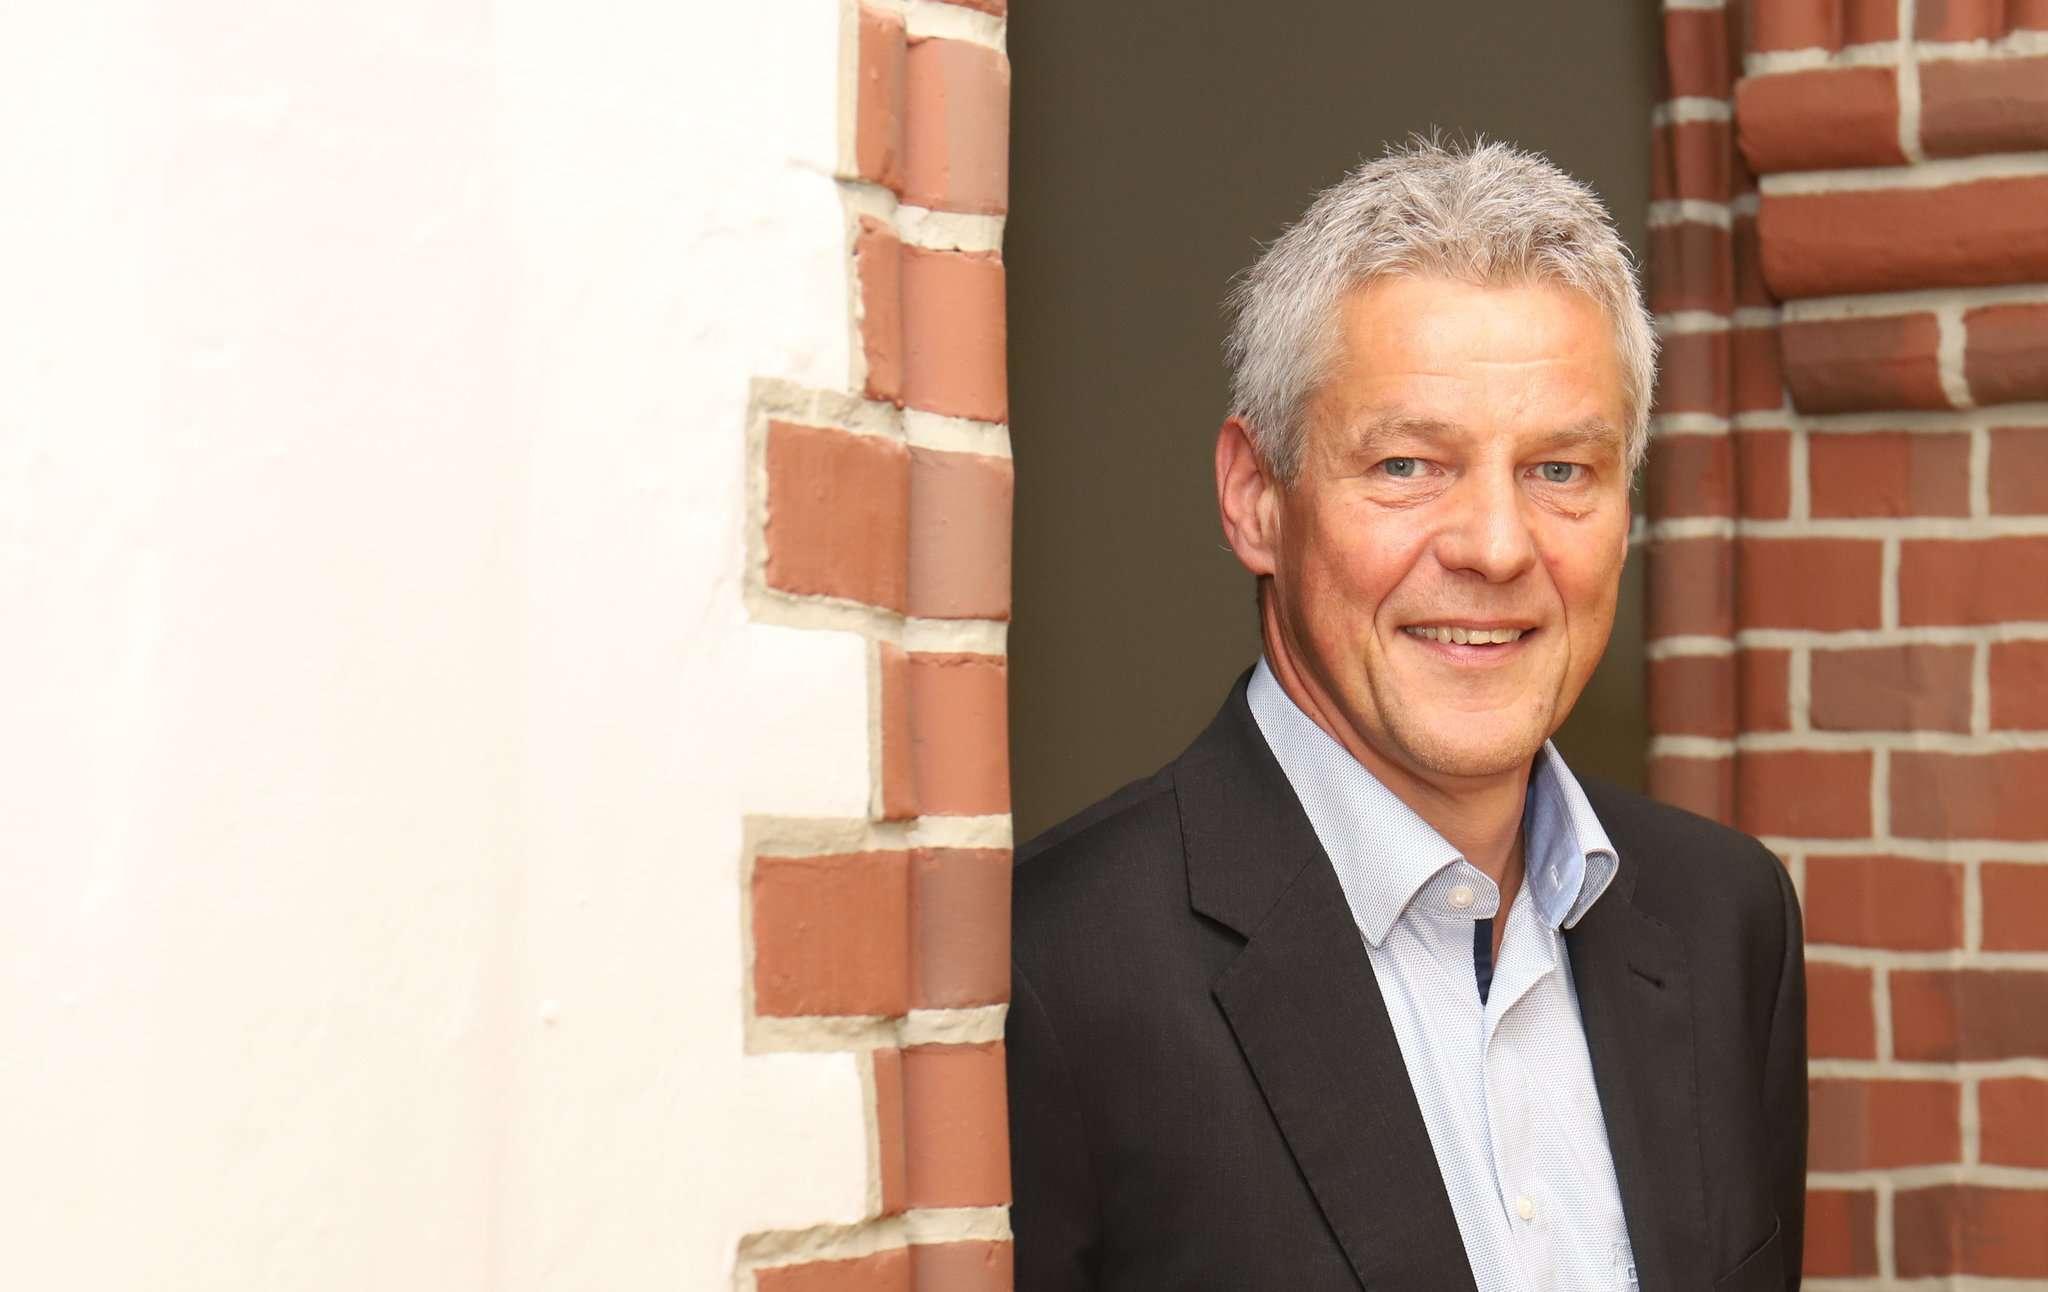 Torsten Oestmann ist Chef der Polizei in Rotenburg. Doch für den Bürgermeisterposten würde er die Uniform an den Nagel hängen.